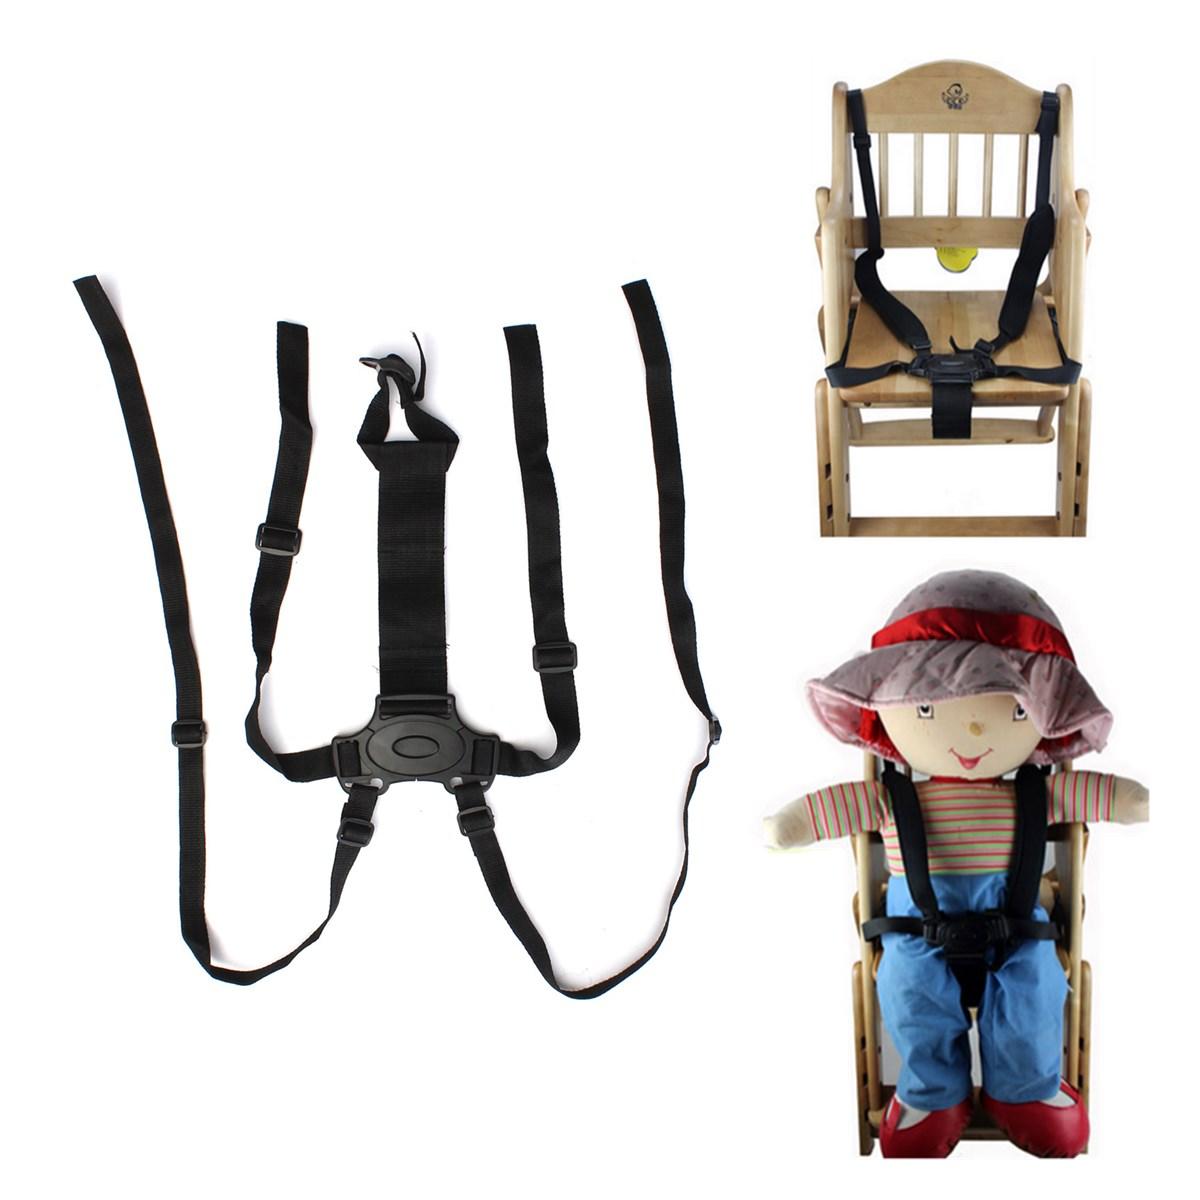 s curit harnais 5 points ceinture sangle b b enfant chaise poussette si ge achat vente. Black Bedroom Furniture Sets. Home Design Ideas